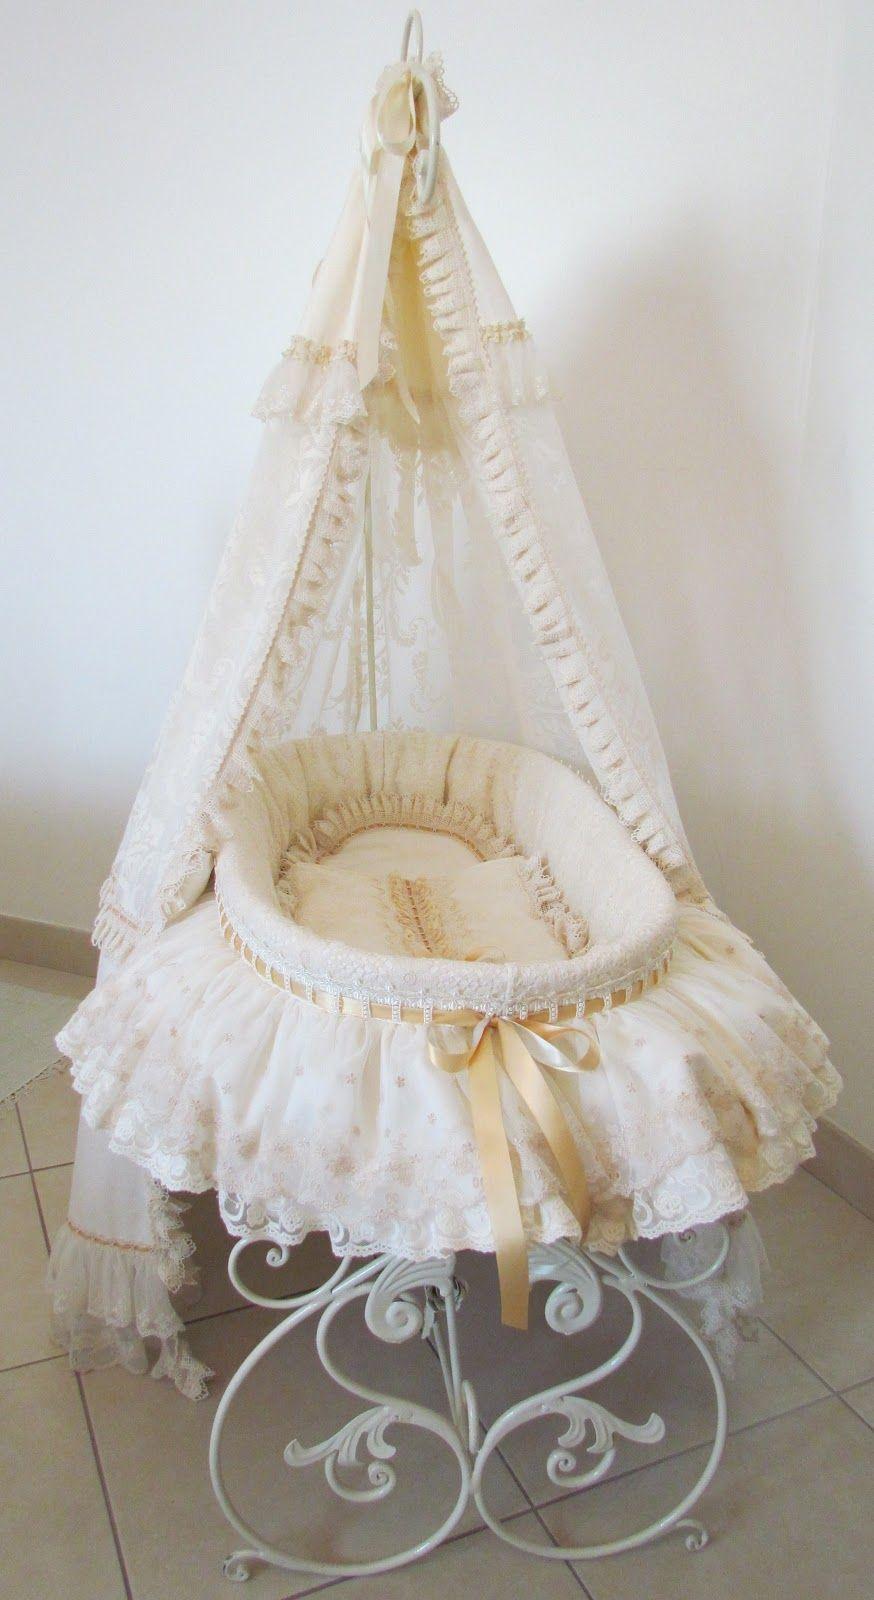 Baby cribs moses baskets - Moses Basket Royal Baby Names Display June 2013